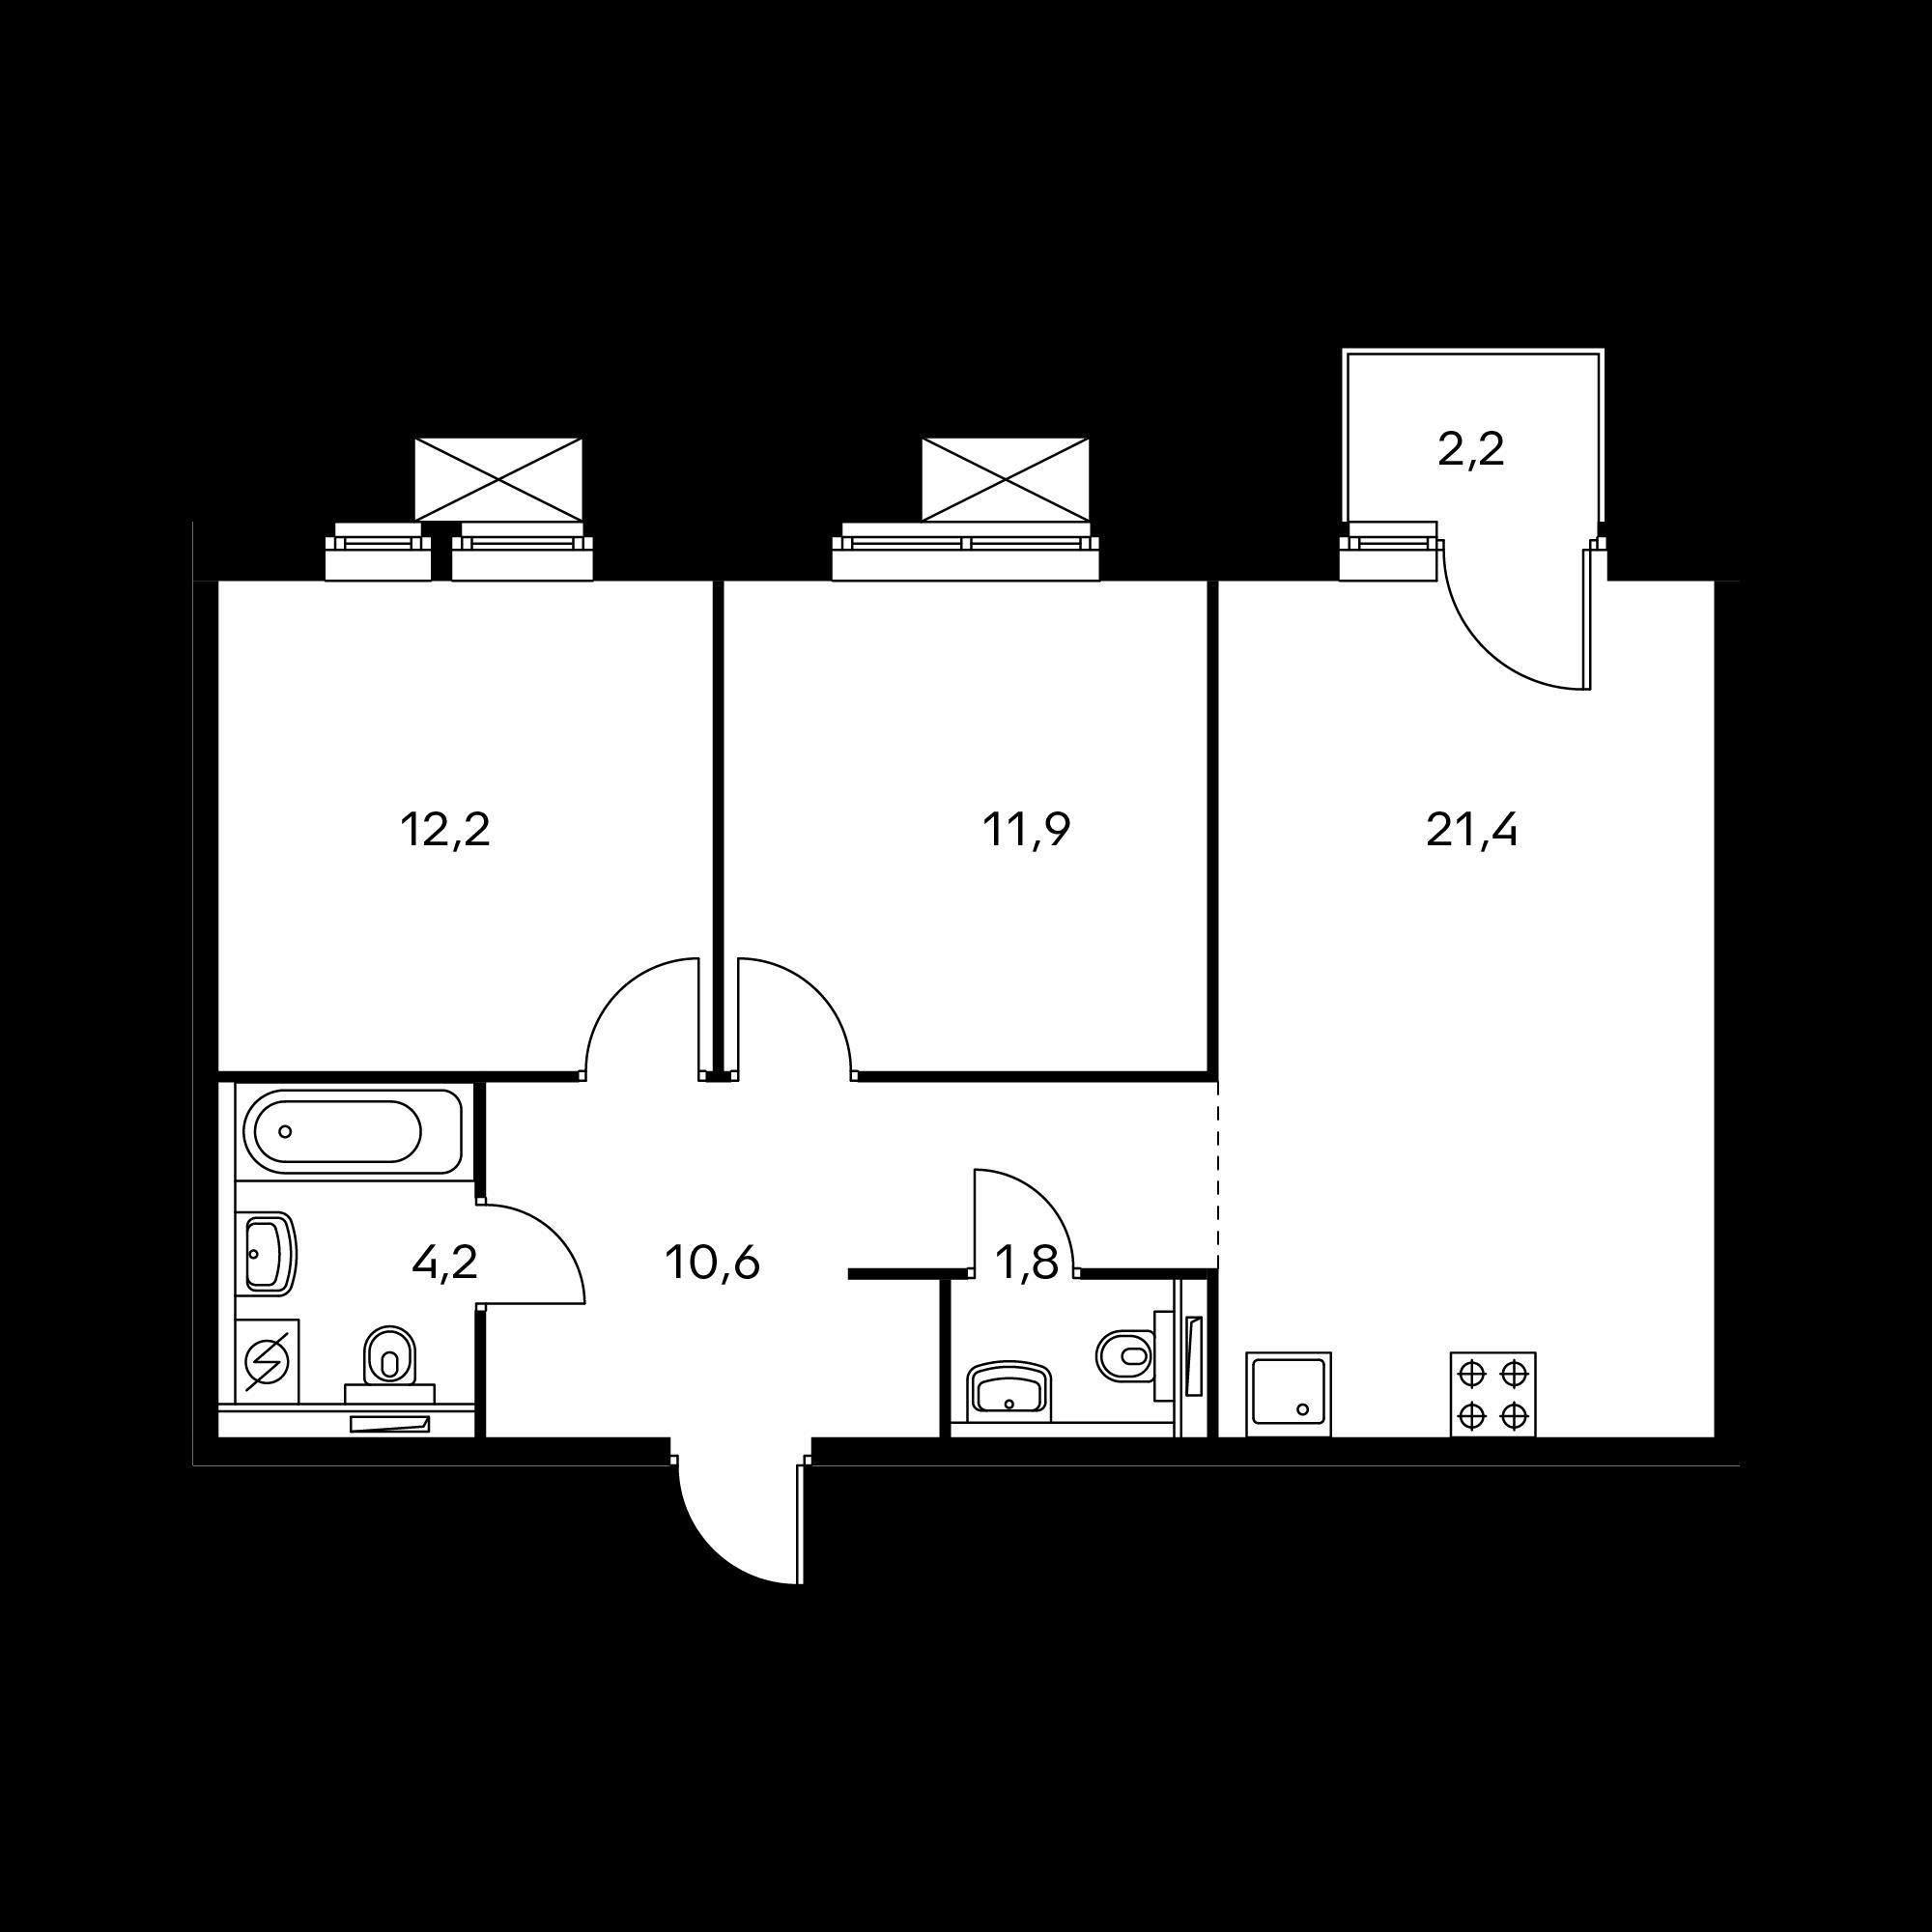 2EL8_10.8-1_B(2,2)